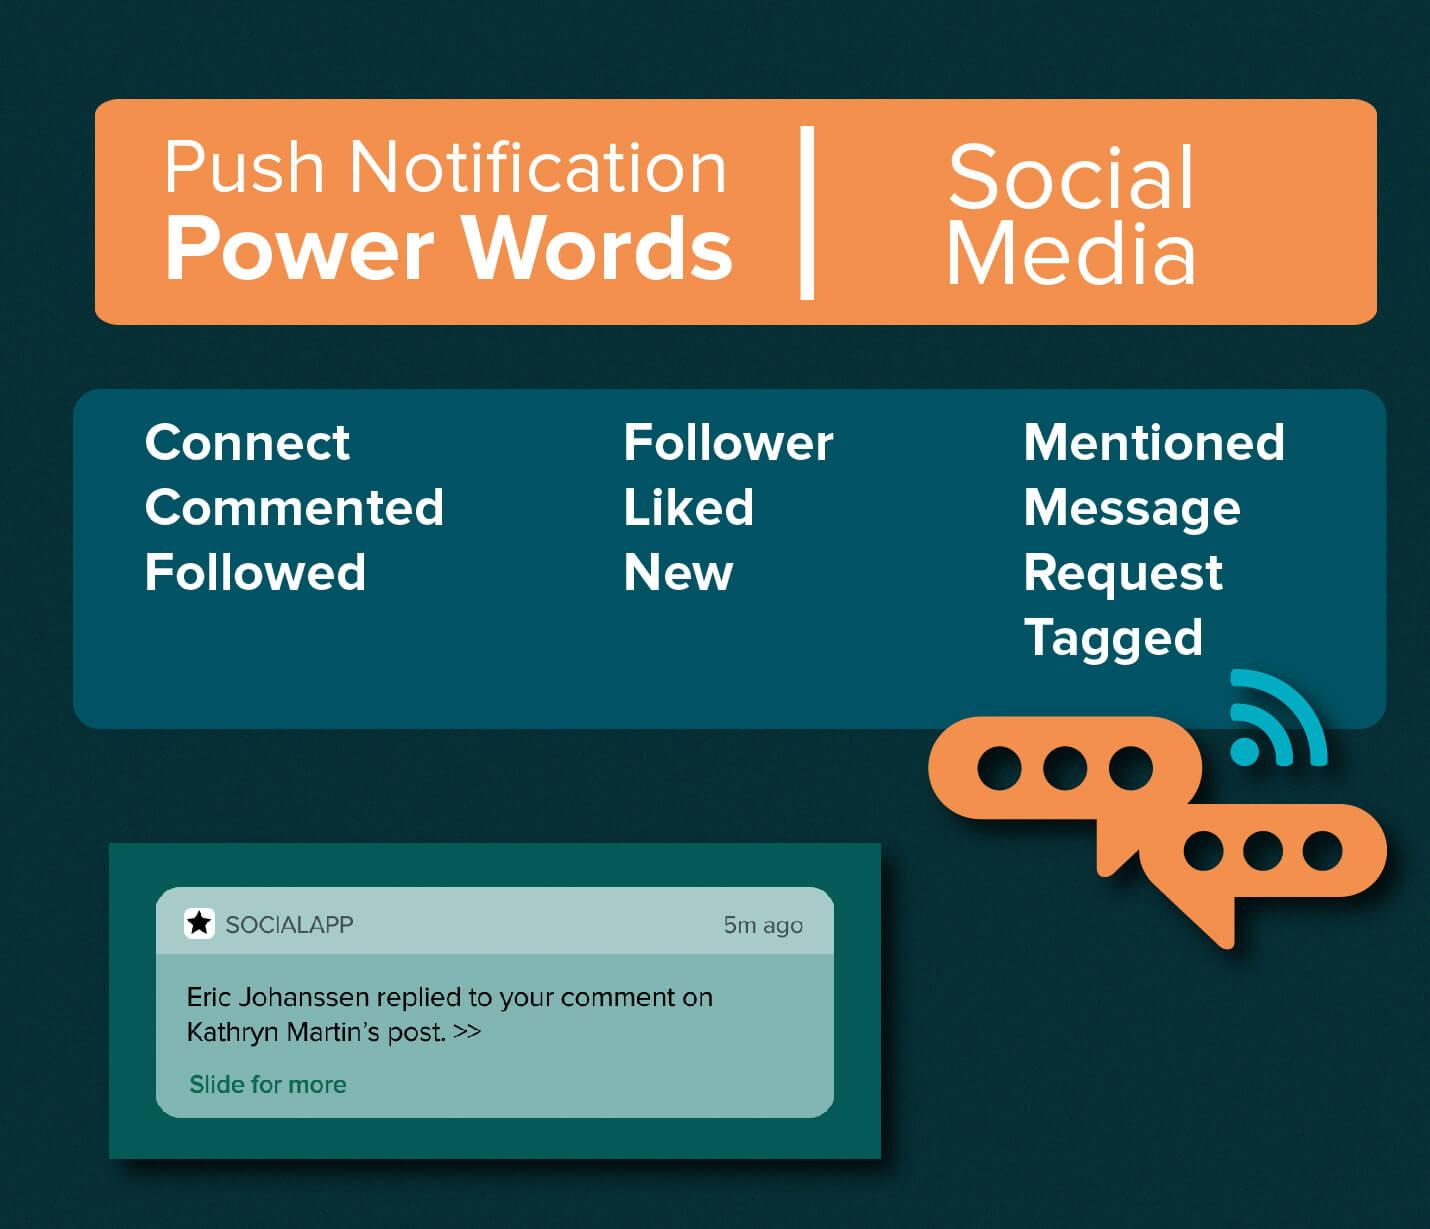 Push Notification Power Words - Social Media Apps